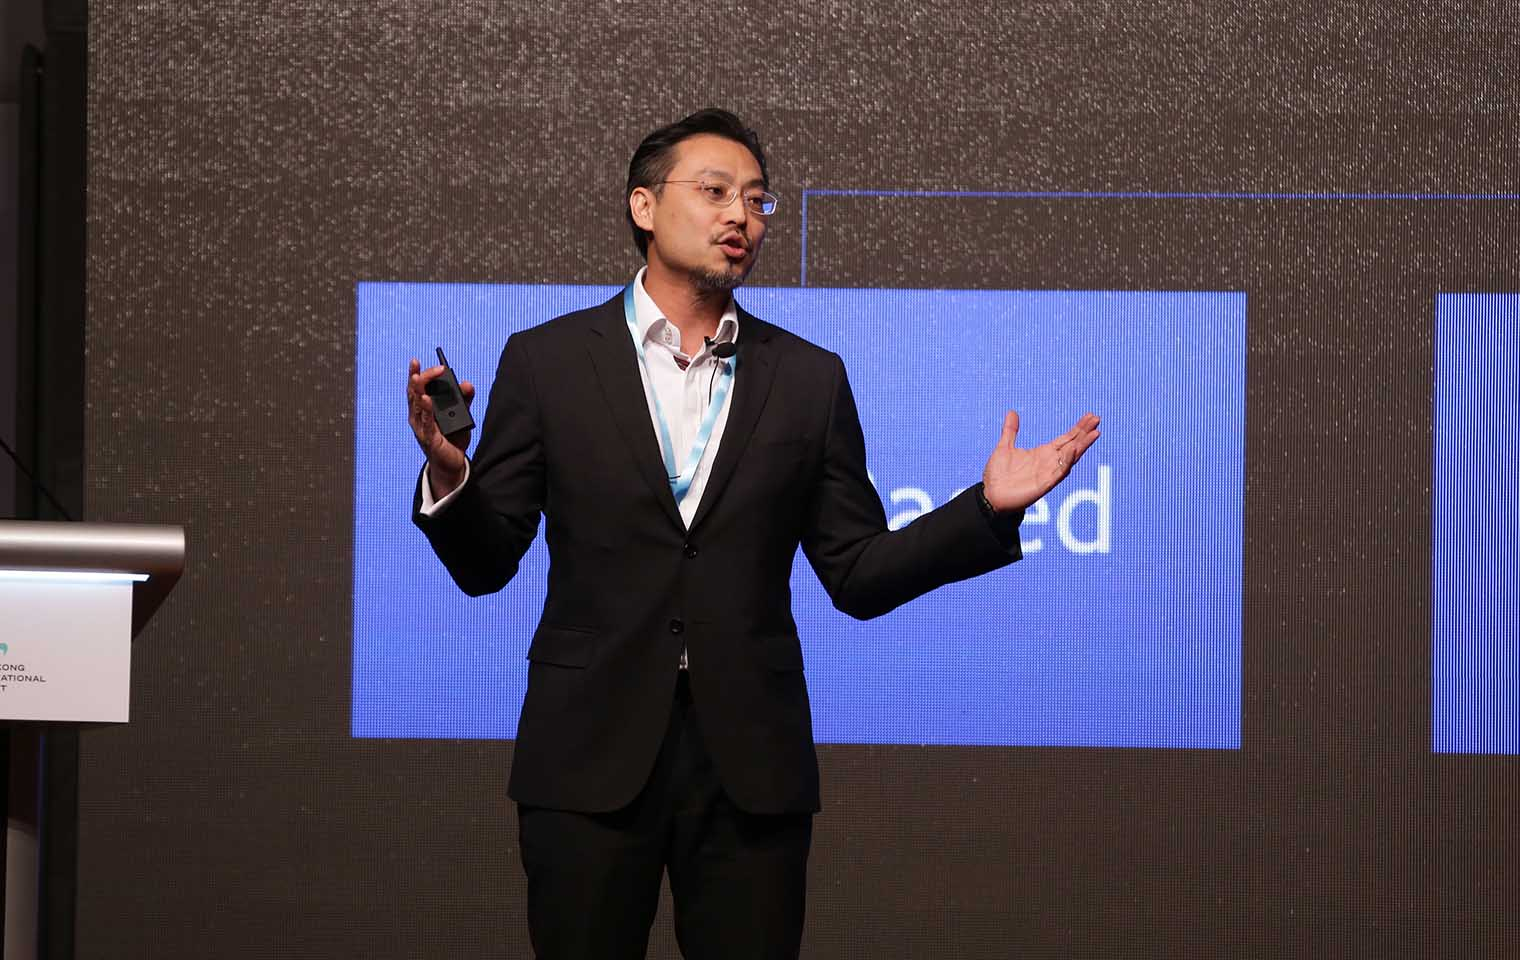 <strong>Mr. Jason Chiu</strong><br>cherrypicks